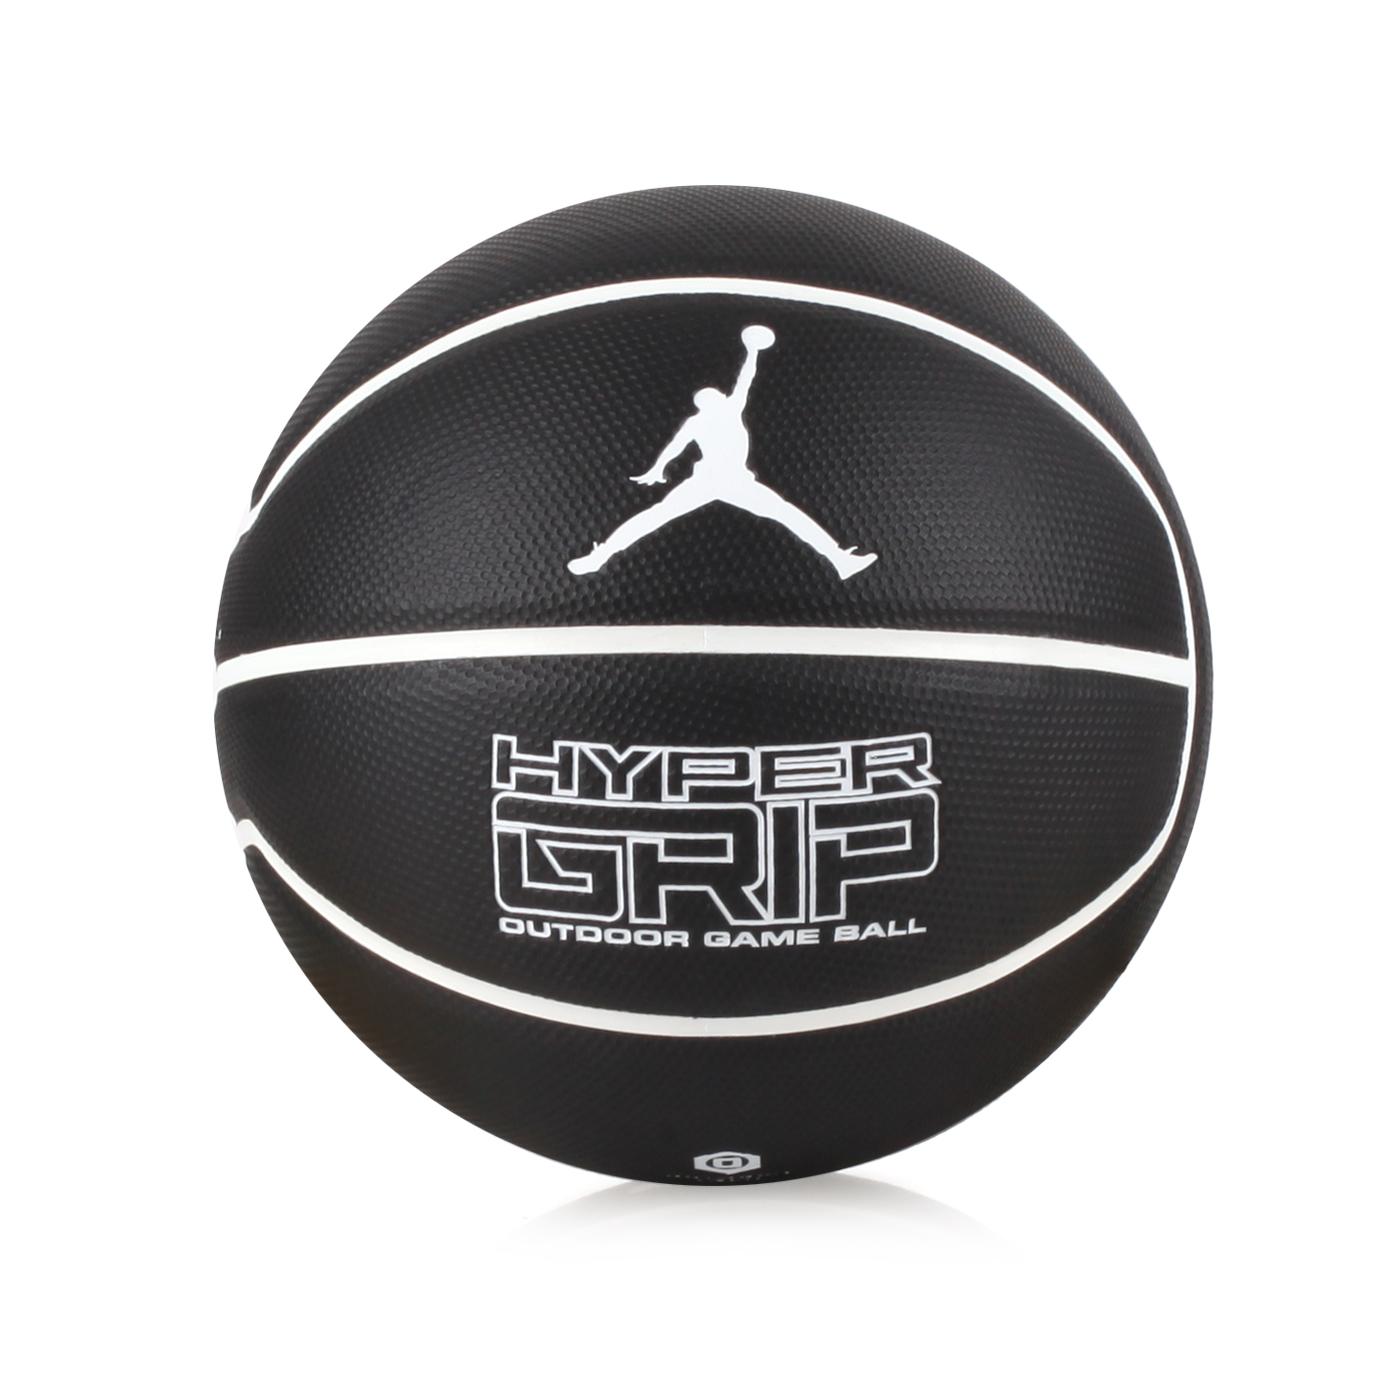 NIKE JORDAN HYPER GRIP 4P 7號籃球 J000184409207 - 黑白